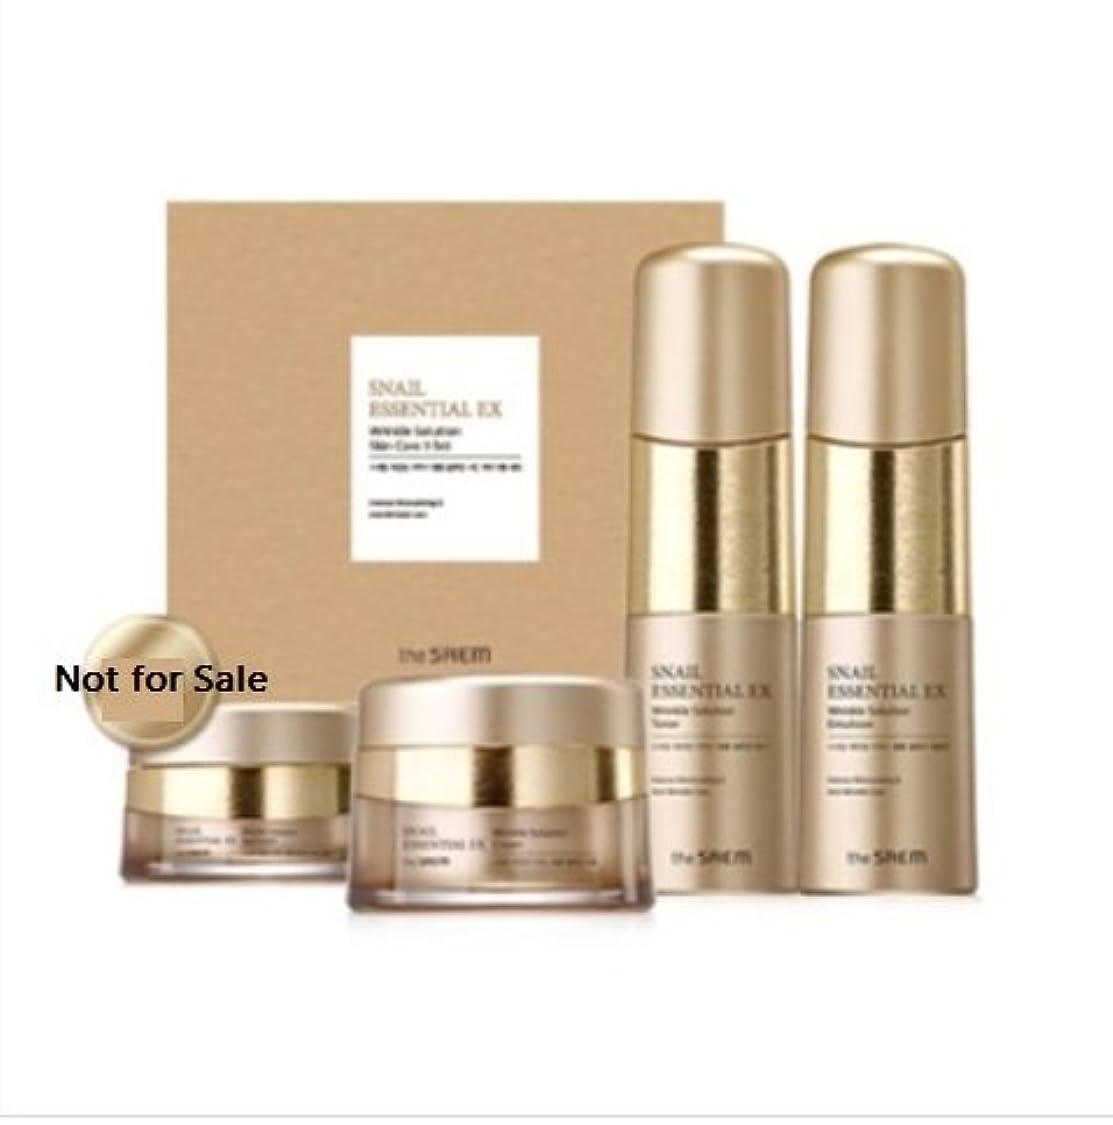 再撮り霧マッシュ[ザセム] The Saem [スネイル エッセンシャル EXリンクルソリューション スキンケア 3種セット] (Snail Essential EX-Wrinkle Solution Skin Care 3Set) [...